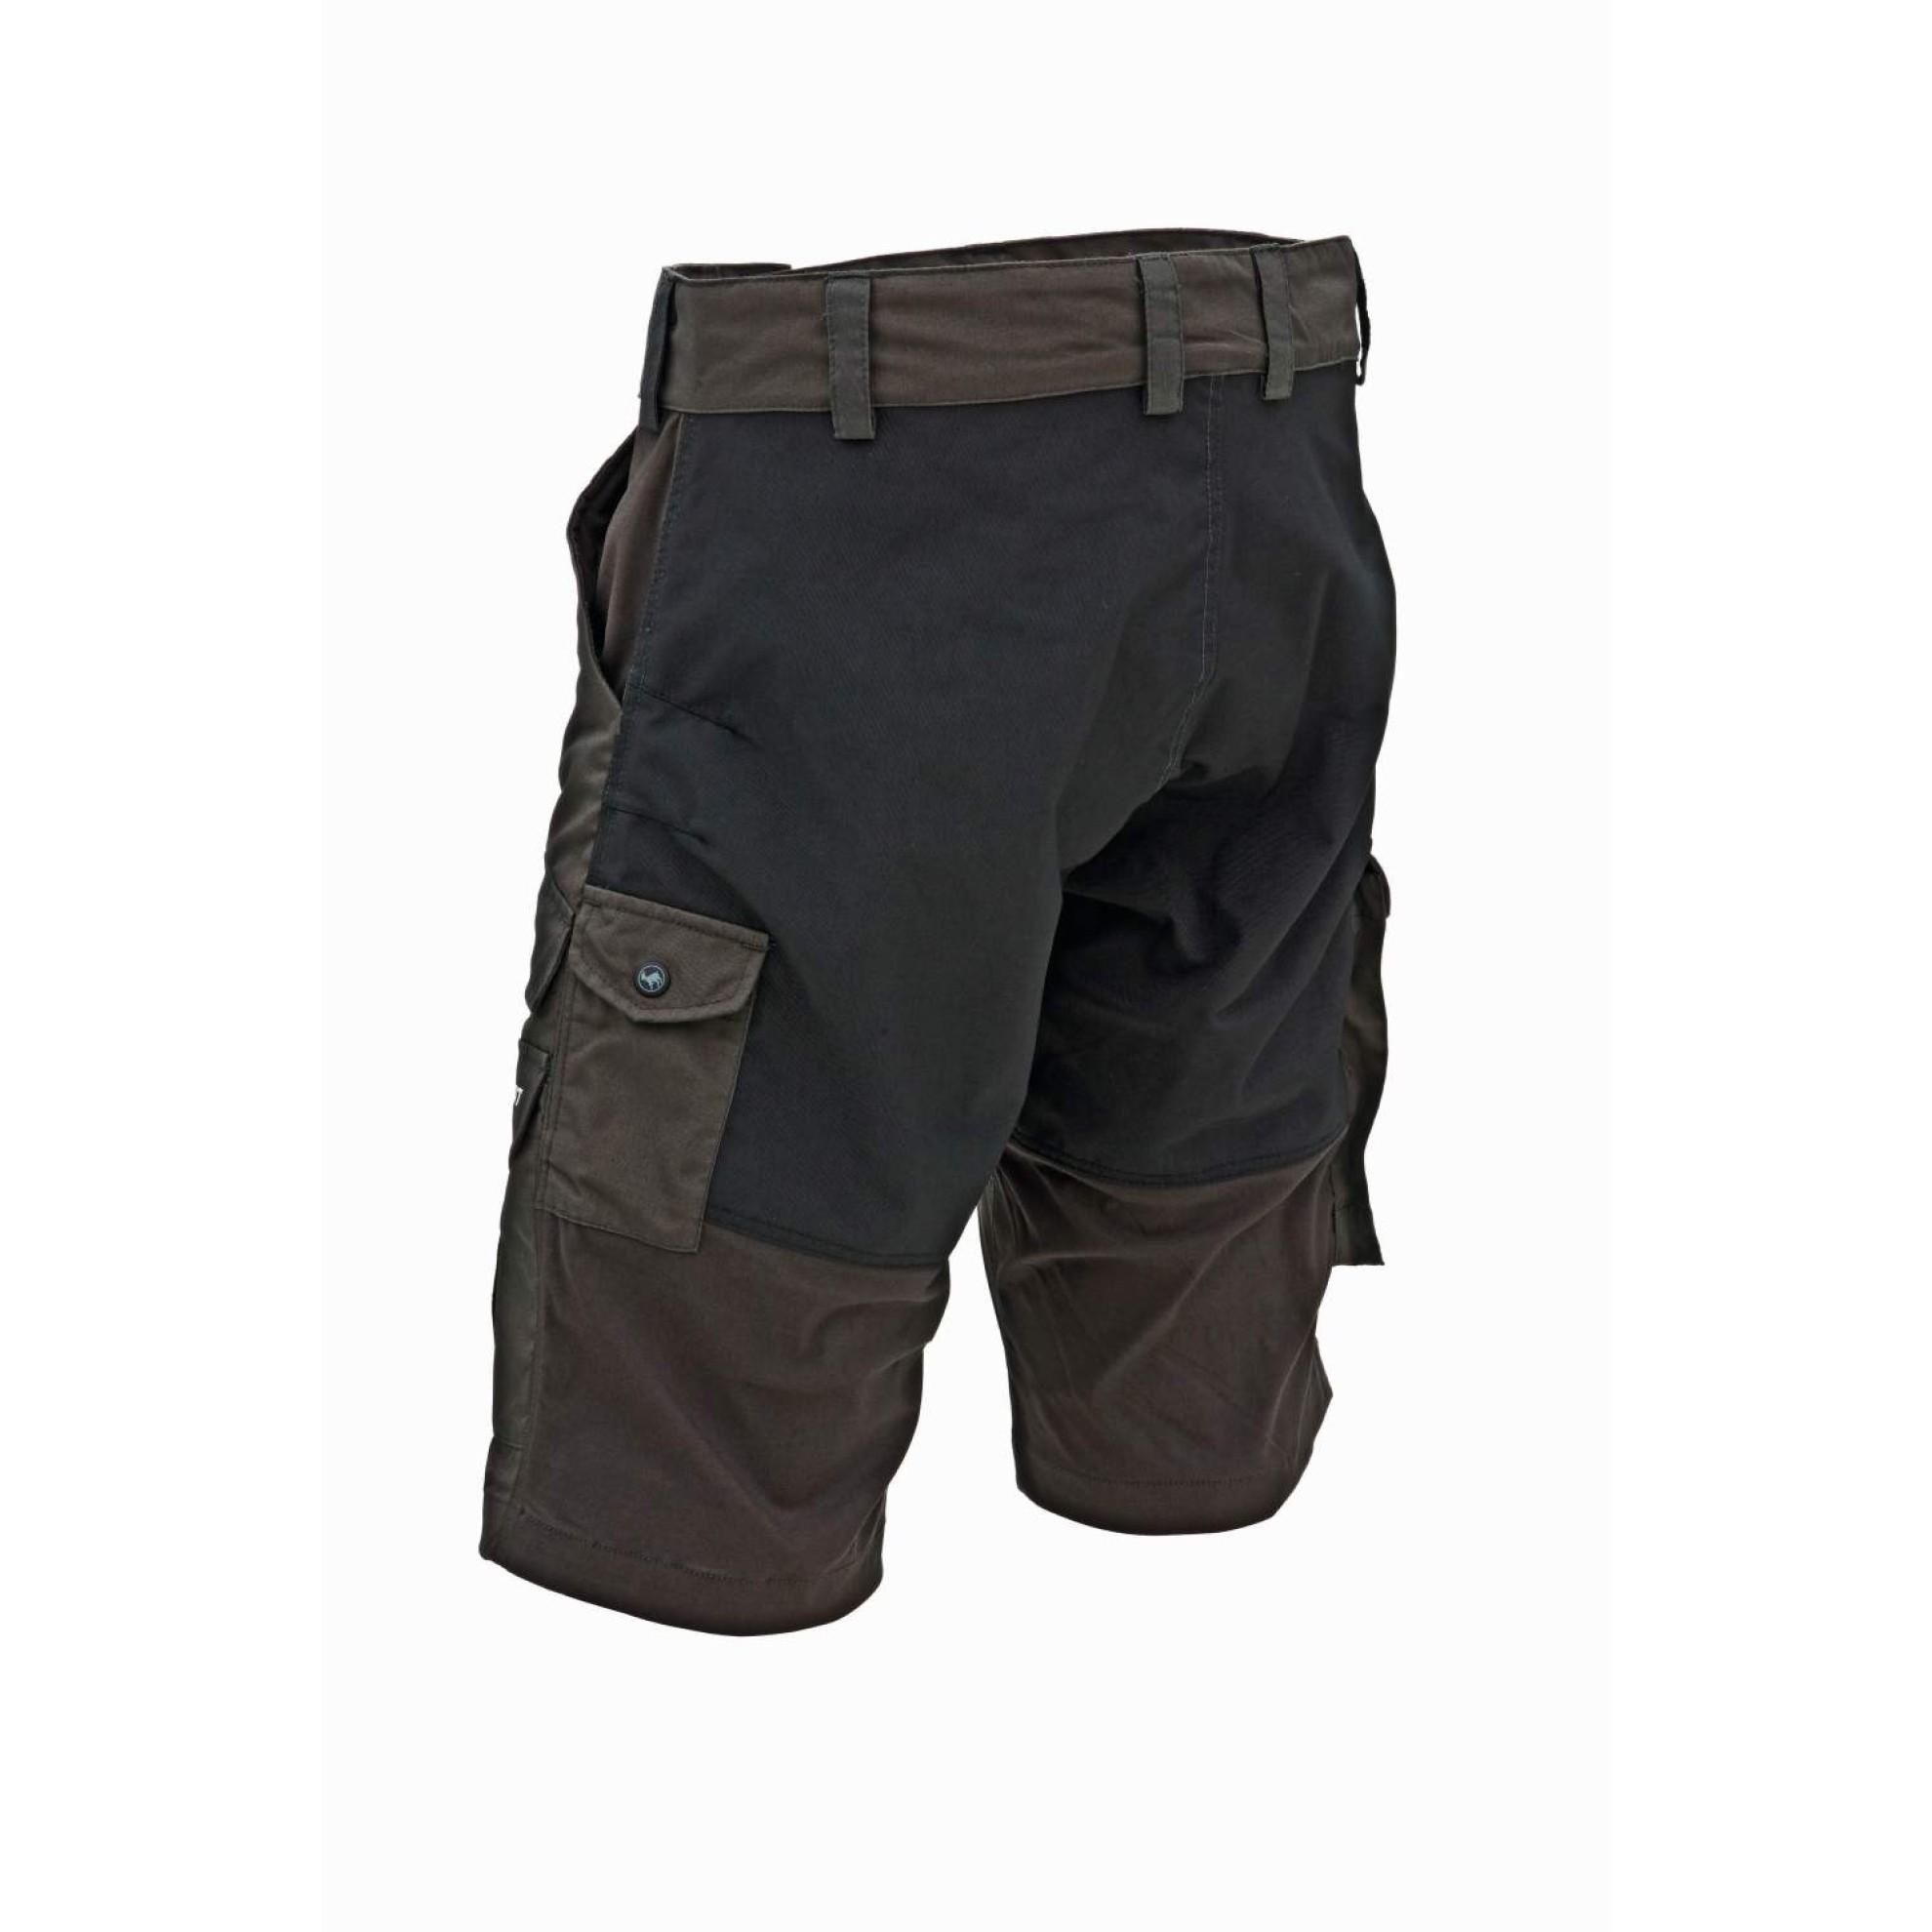 DAM Effzett Combat Shorts DAM Effzett Combat Shorts ... cfbd4a1627179